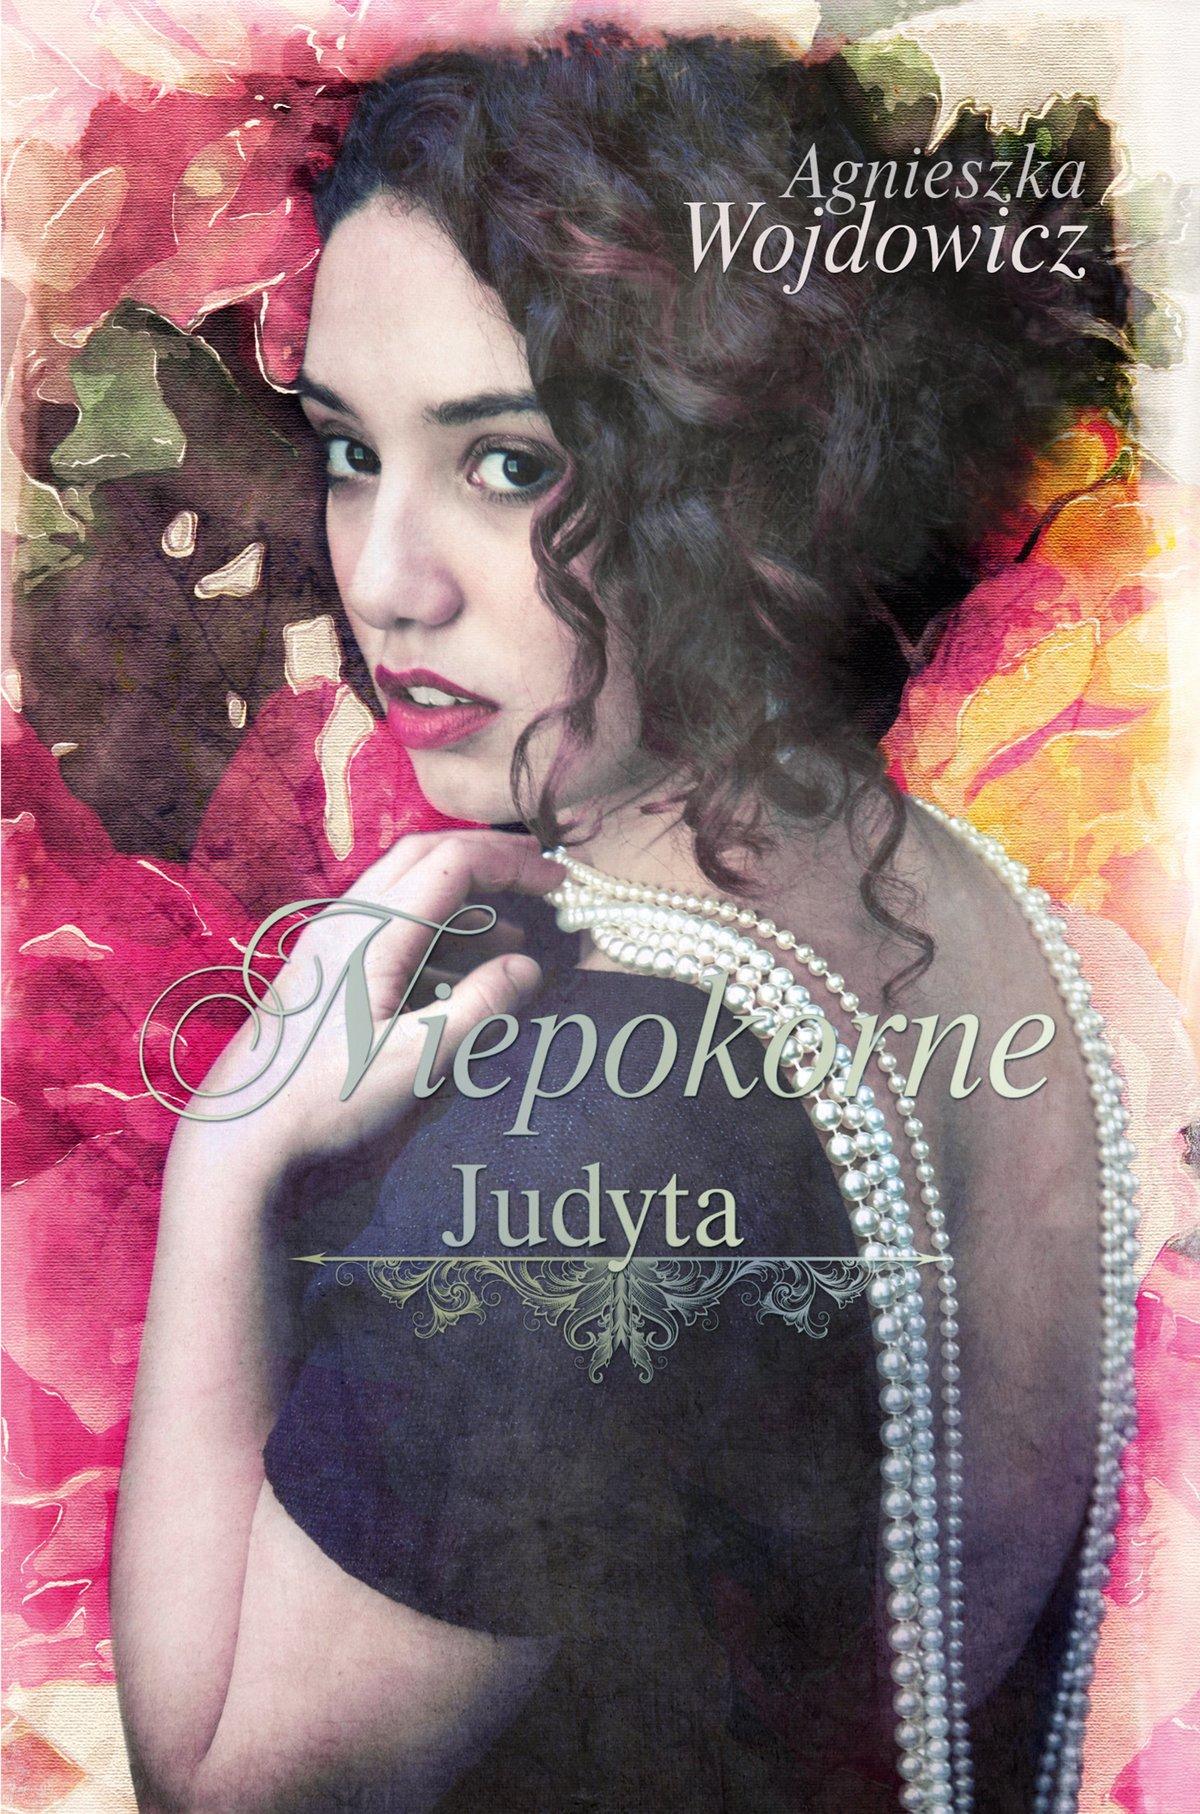 Niepokorne. Judyta - Ebook (Książka EPUB) do pobrania w formacie EPUB